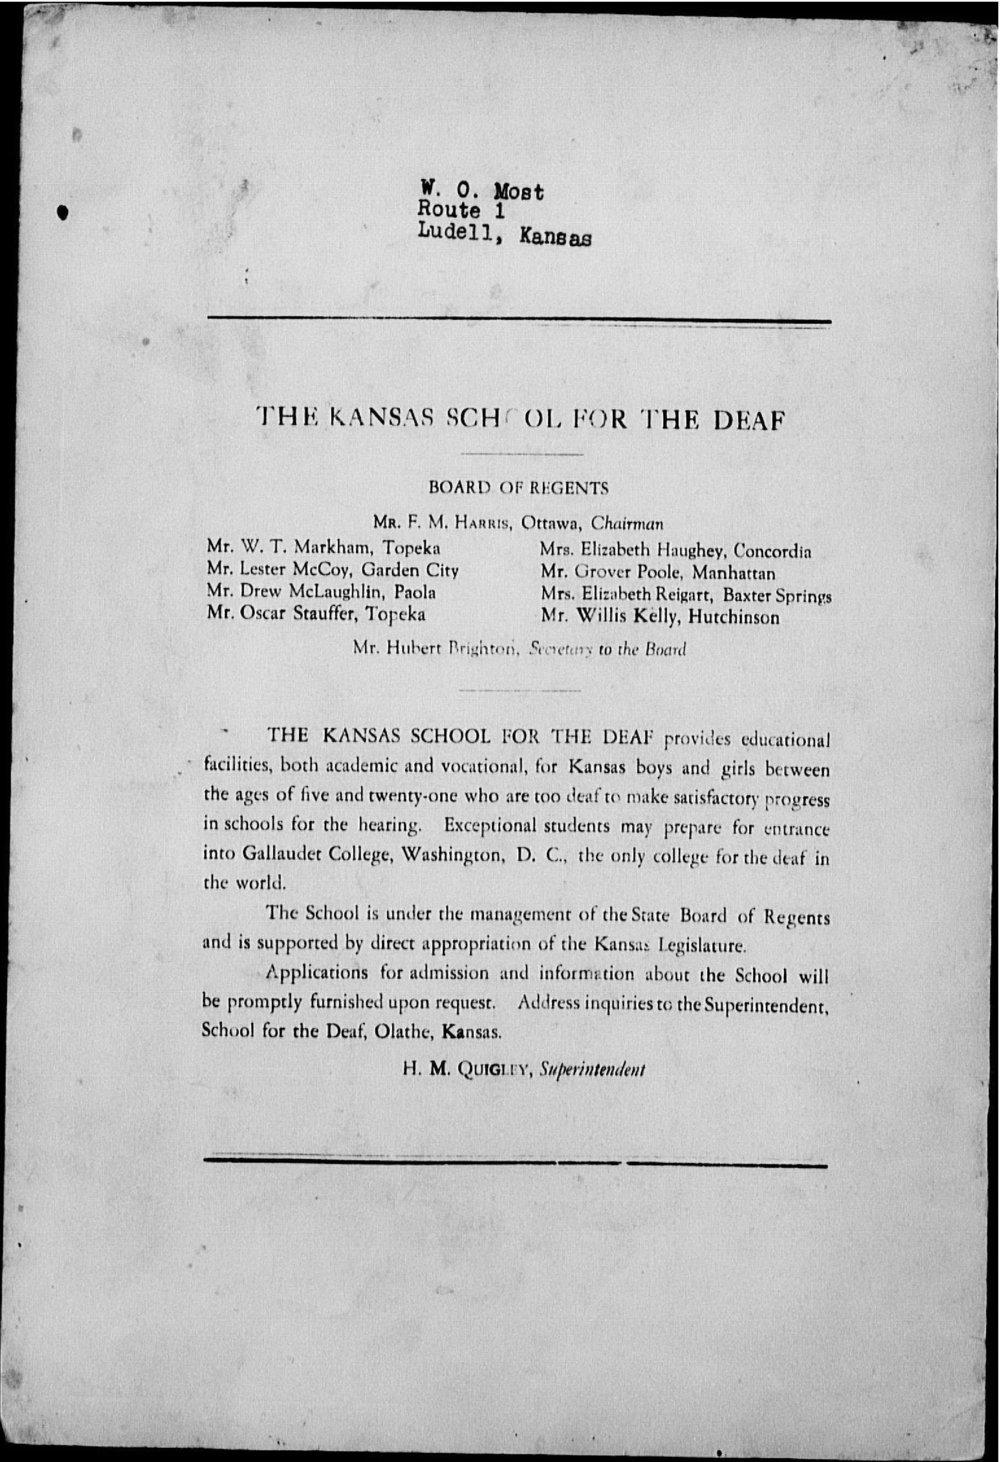 The Kansas Star, volume 56, number 5 - Back